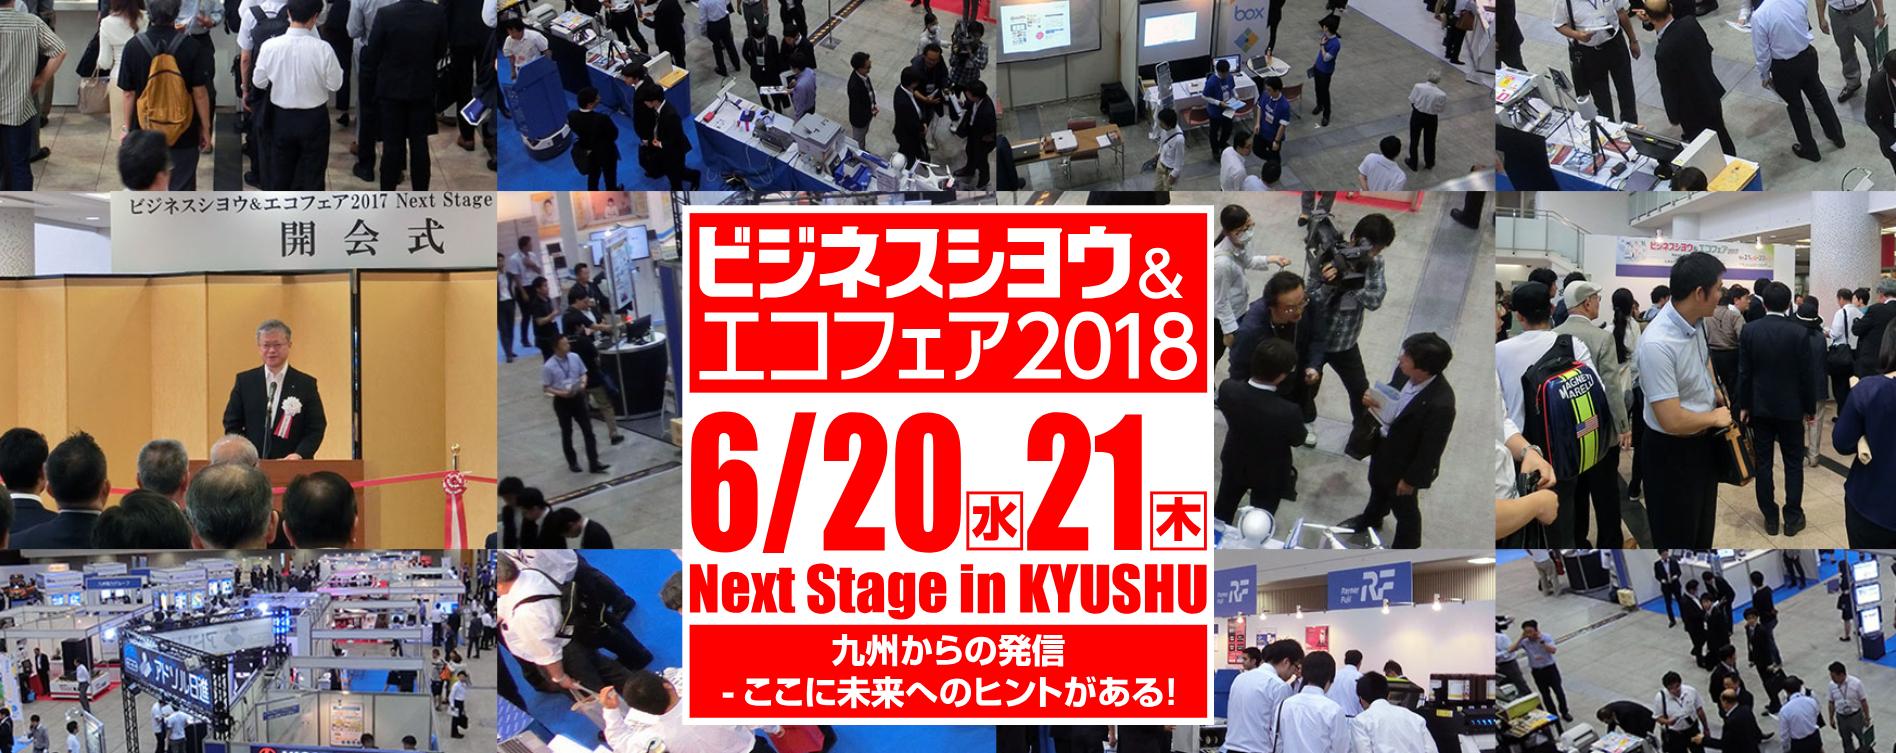 ビジネスシヨウ&エコフェア2018